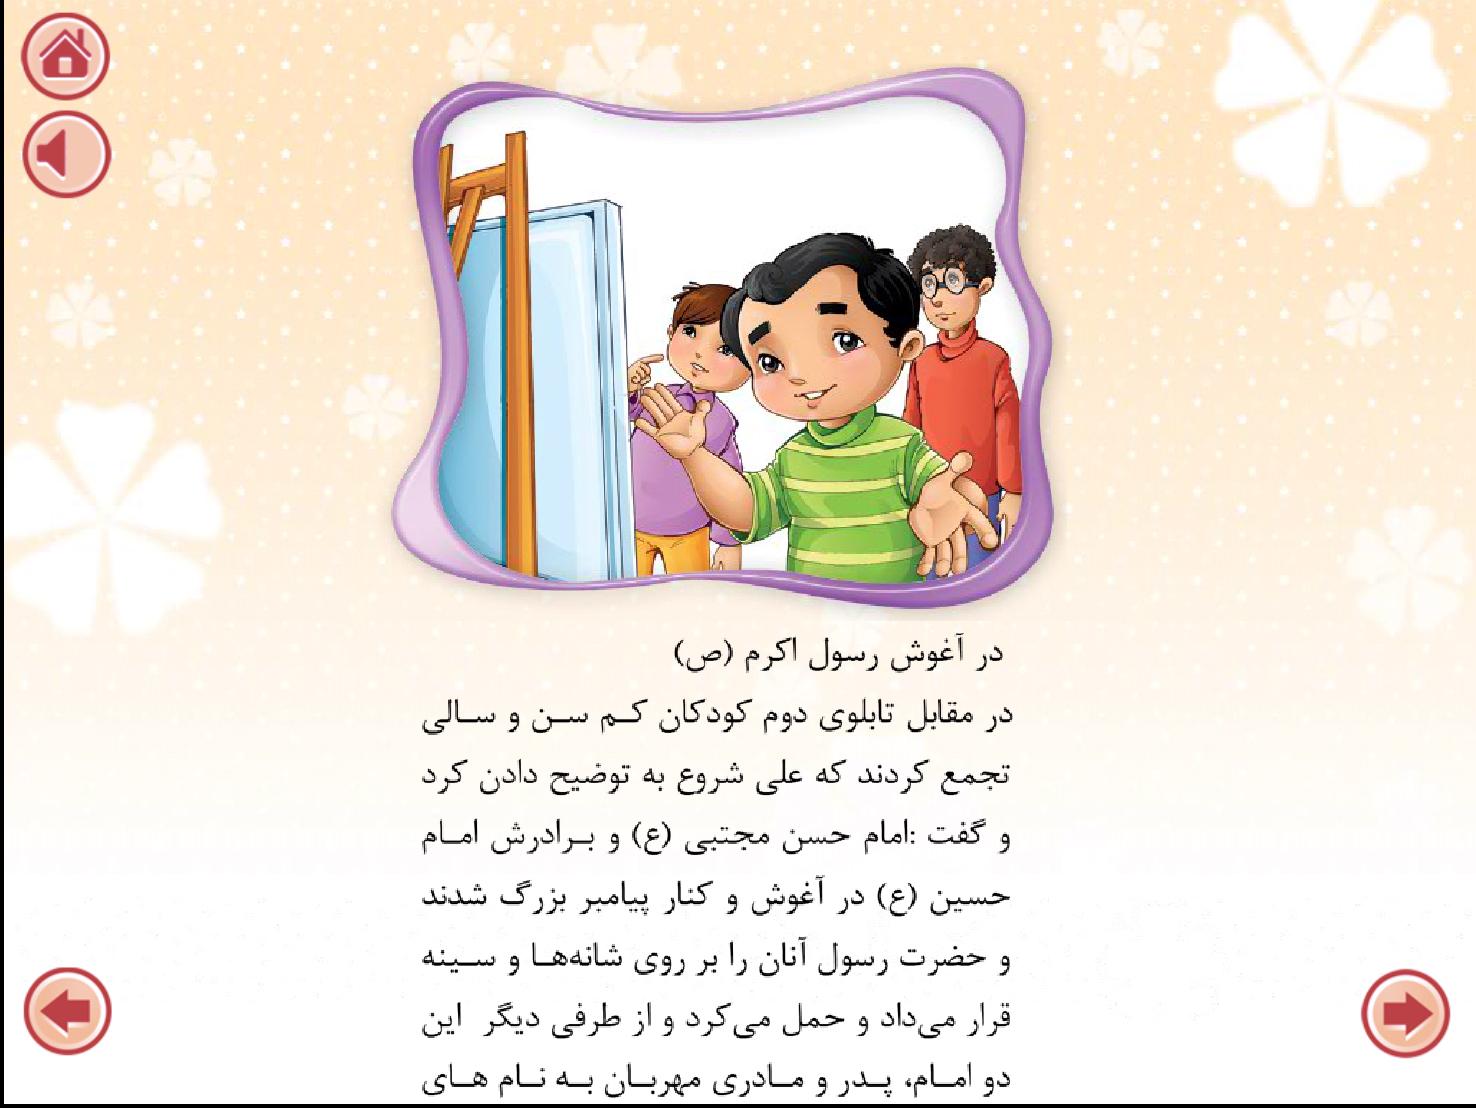 کتاب کودک (الاسوه) (فارسی و عربی)